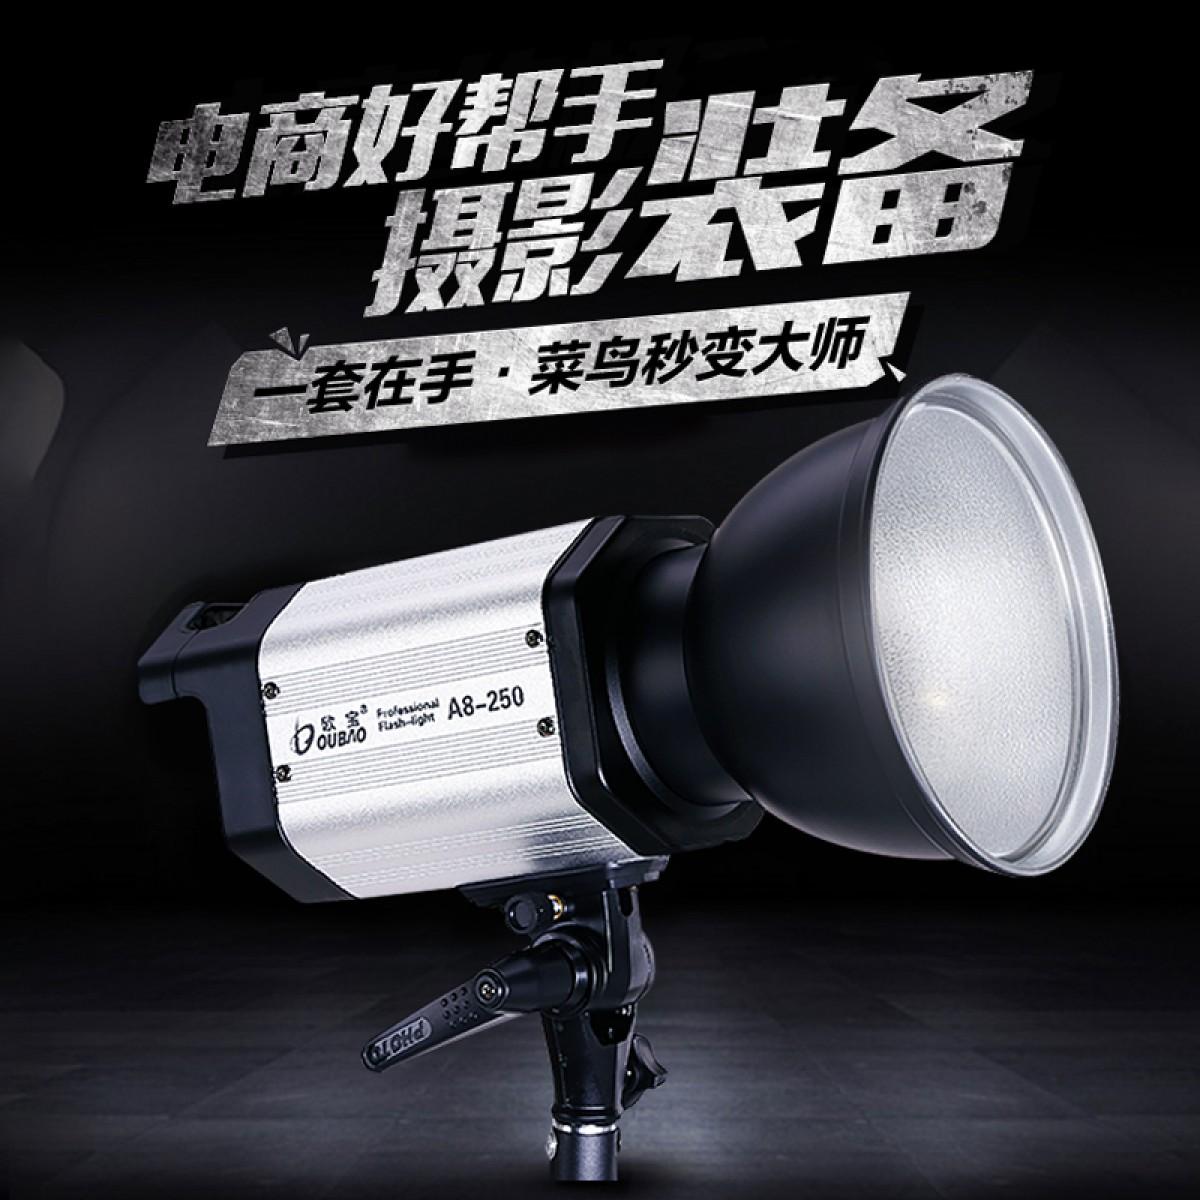 欧宝A8 250W闪光灯摄影灯静物室内人像补光摄影棚影室灯专业拍摄